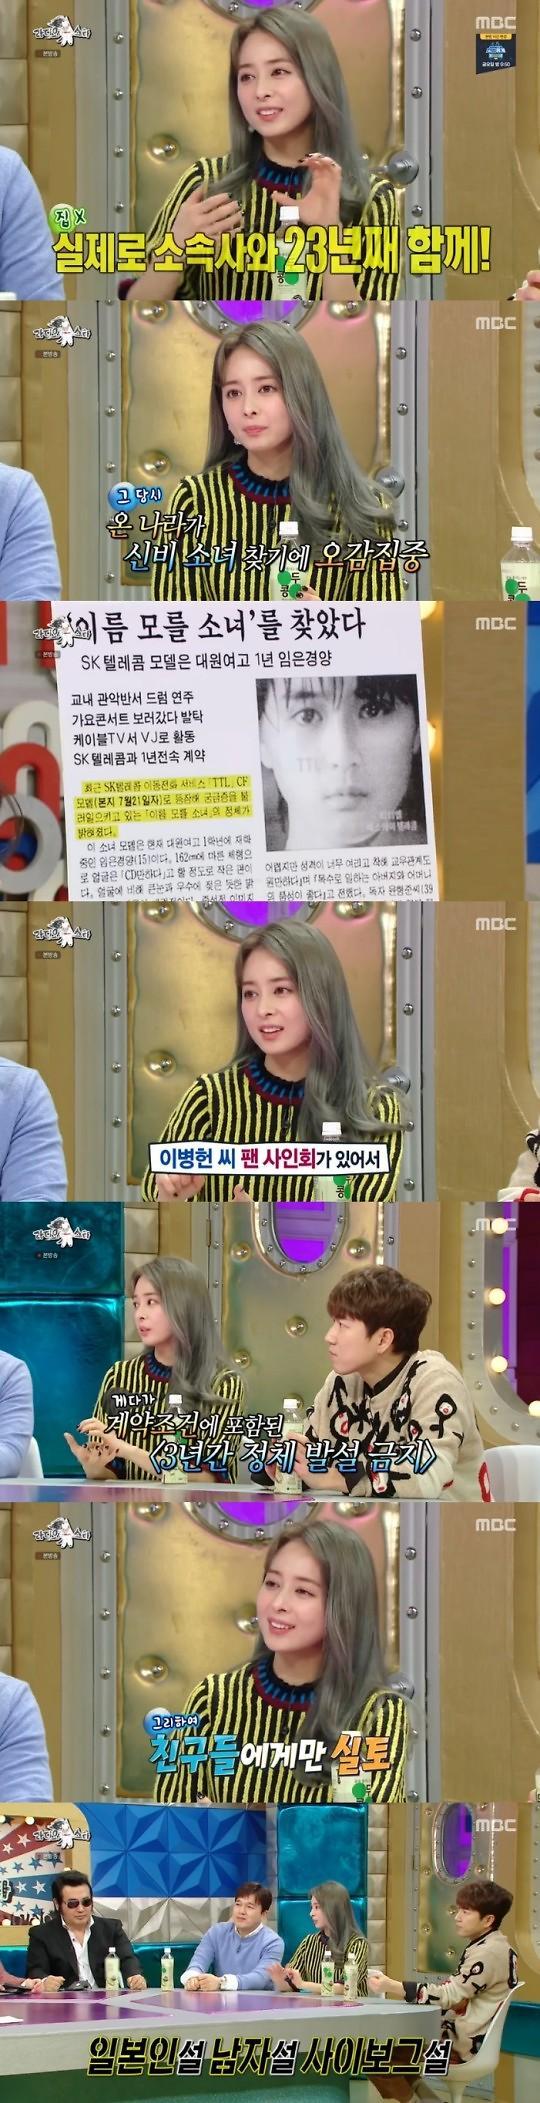 [간밤의 TV] 라디오스타 임은경이 털어놨다 #신비소녀#10년 공백#청각장애 부모님